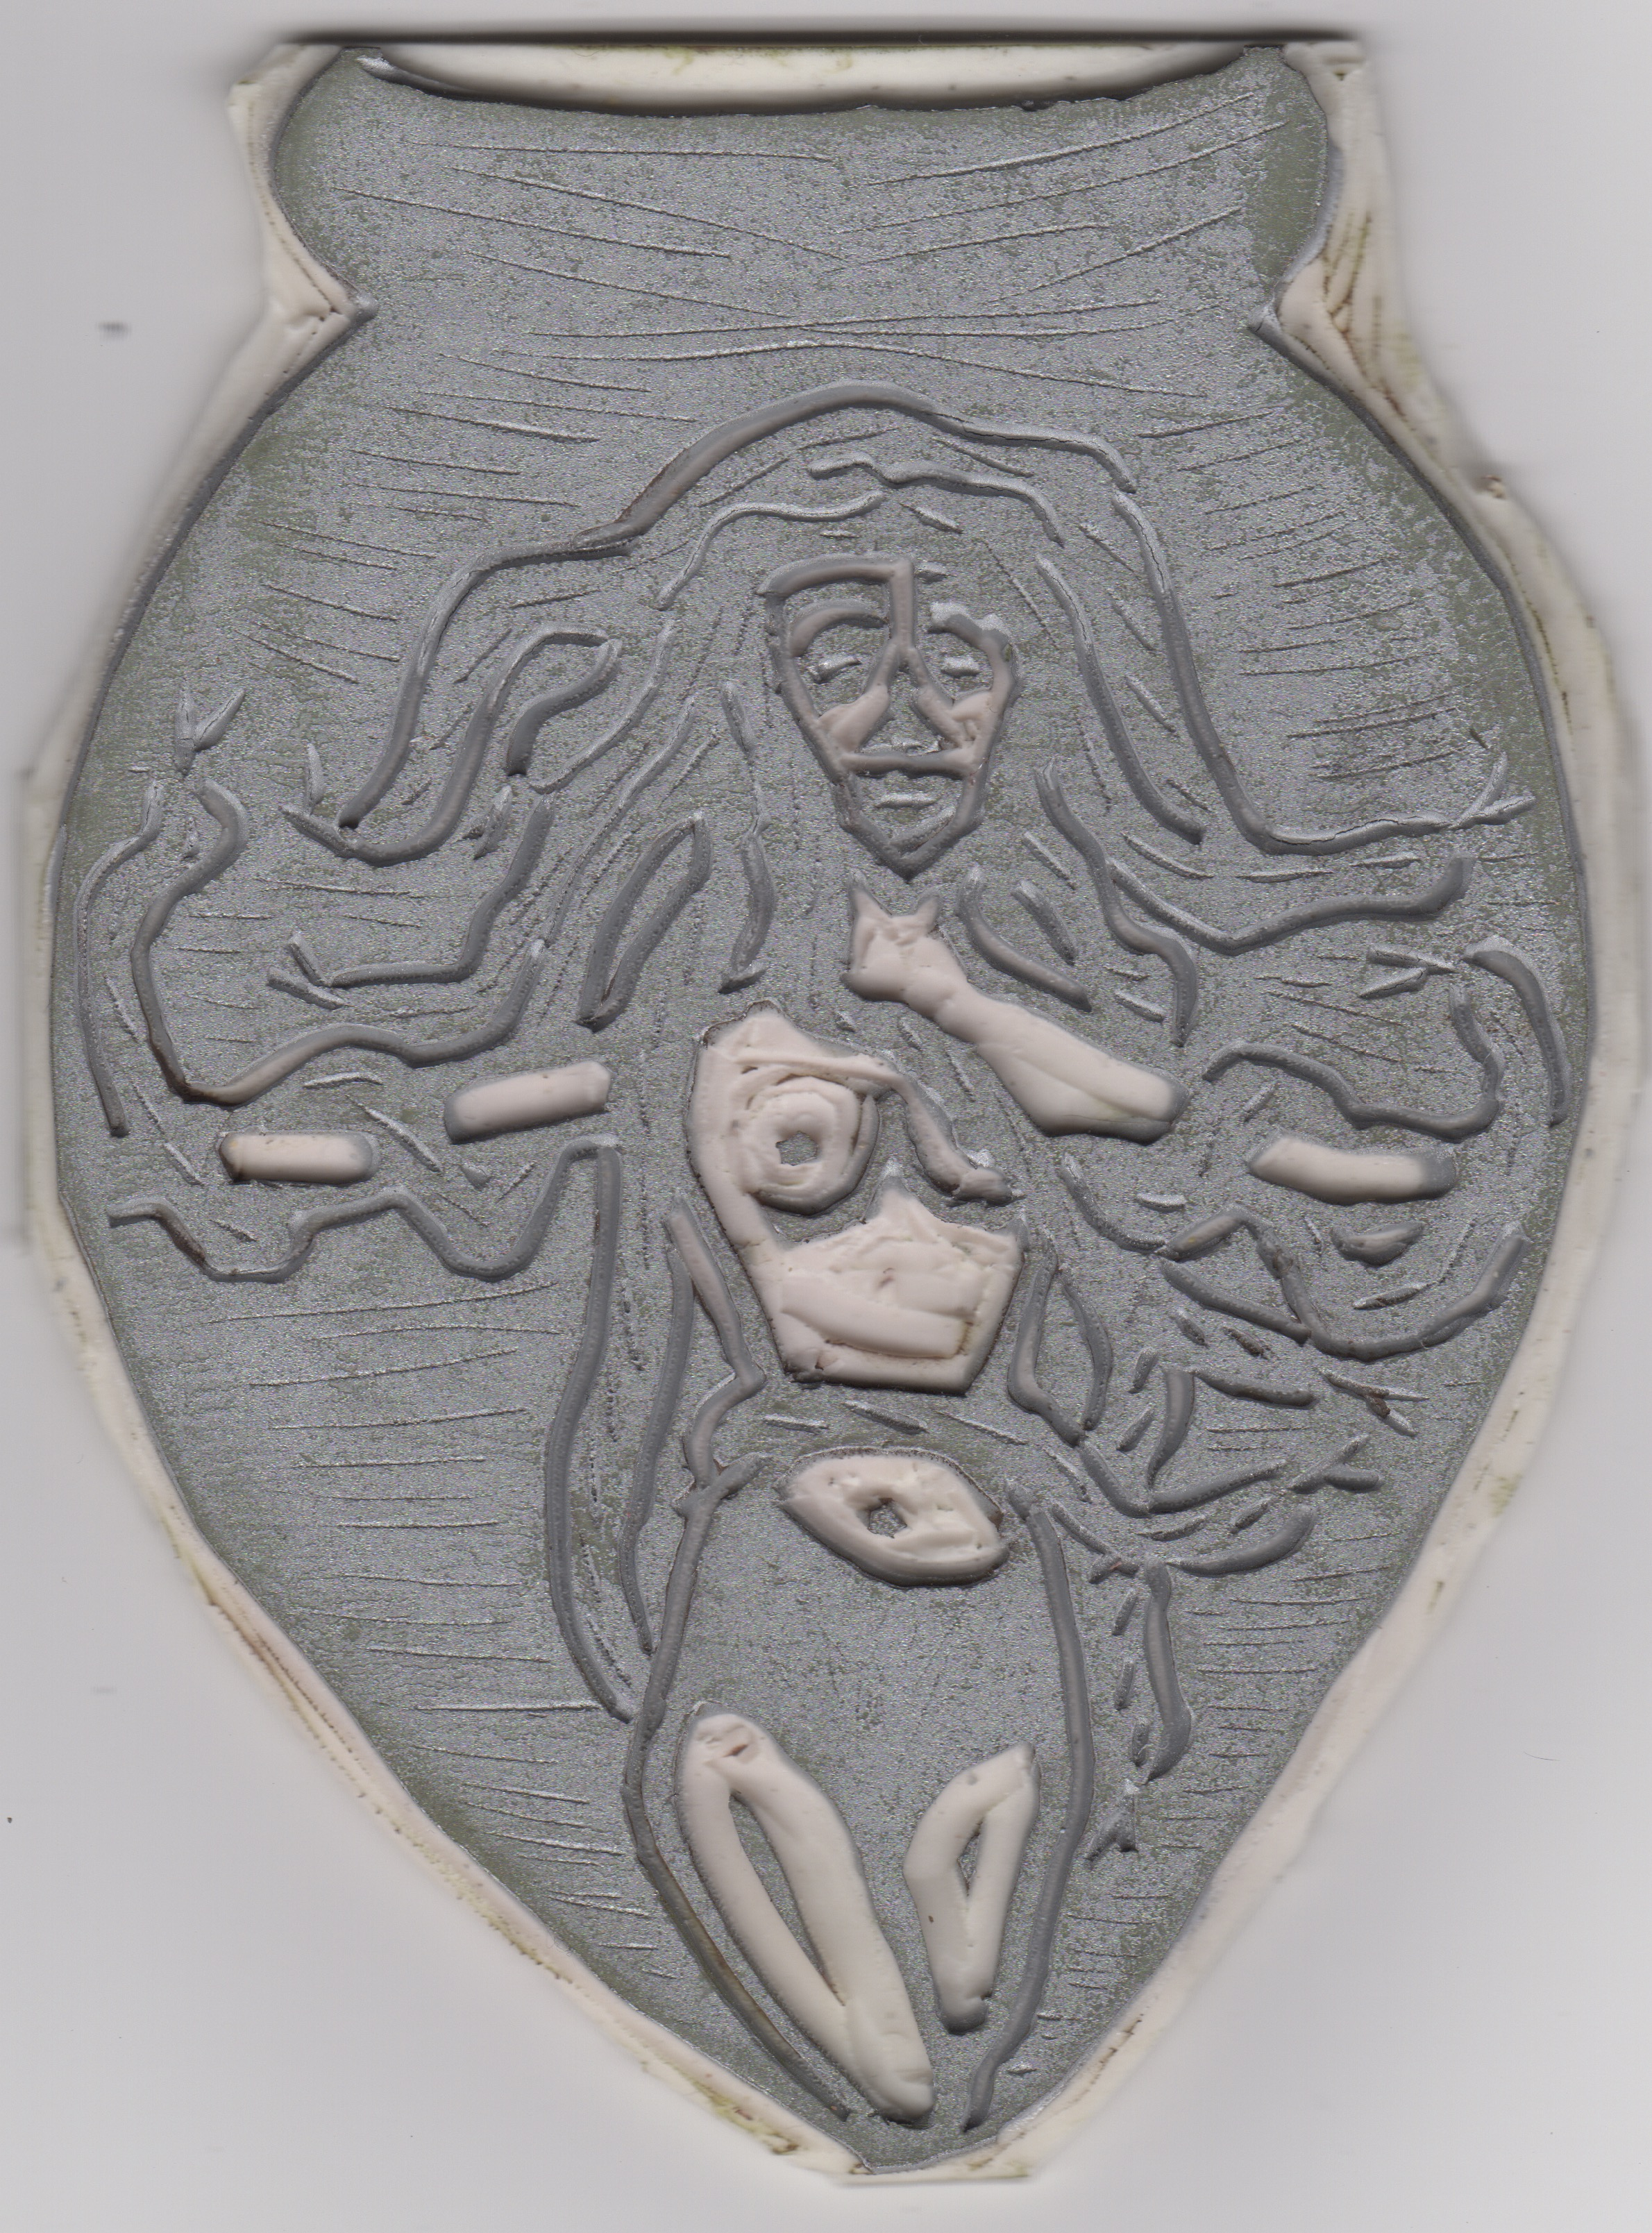 Medusa Amphora